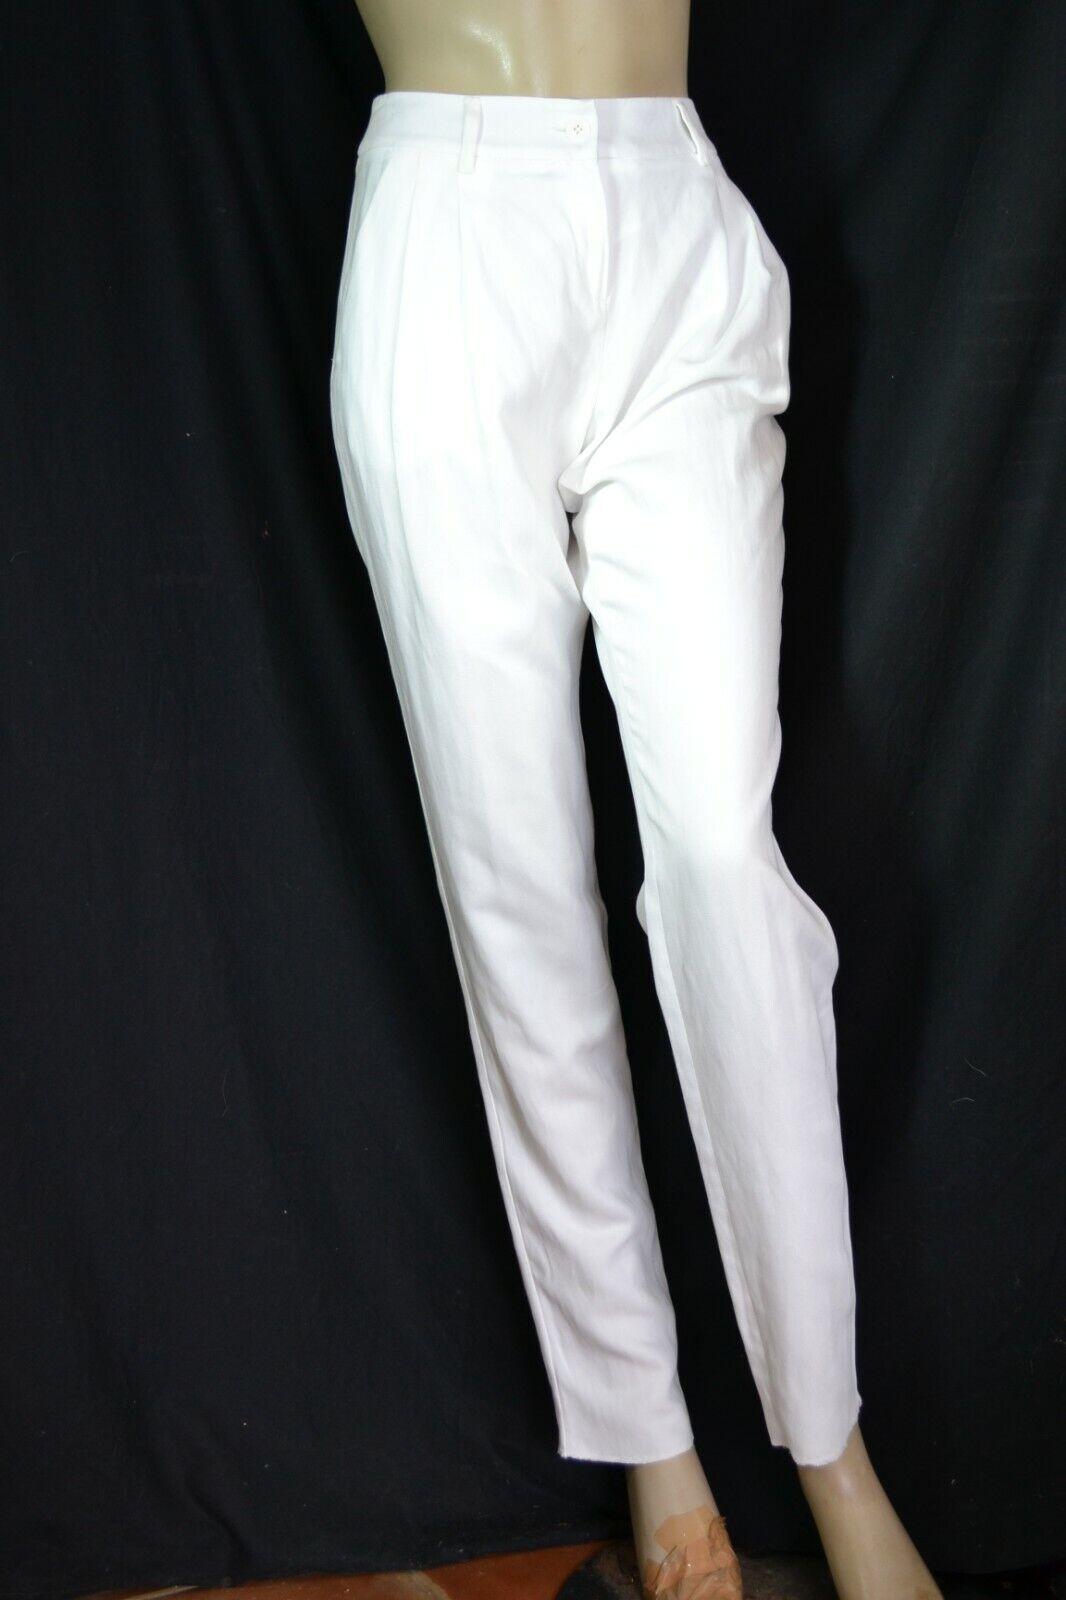 MAX MARA Damenhose gerade Hose Hose Hose trousers pantalon 34 XS  neu NEW weiß   Weiß edd2e8